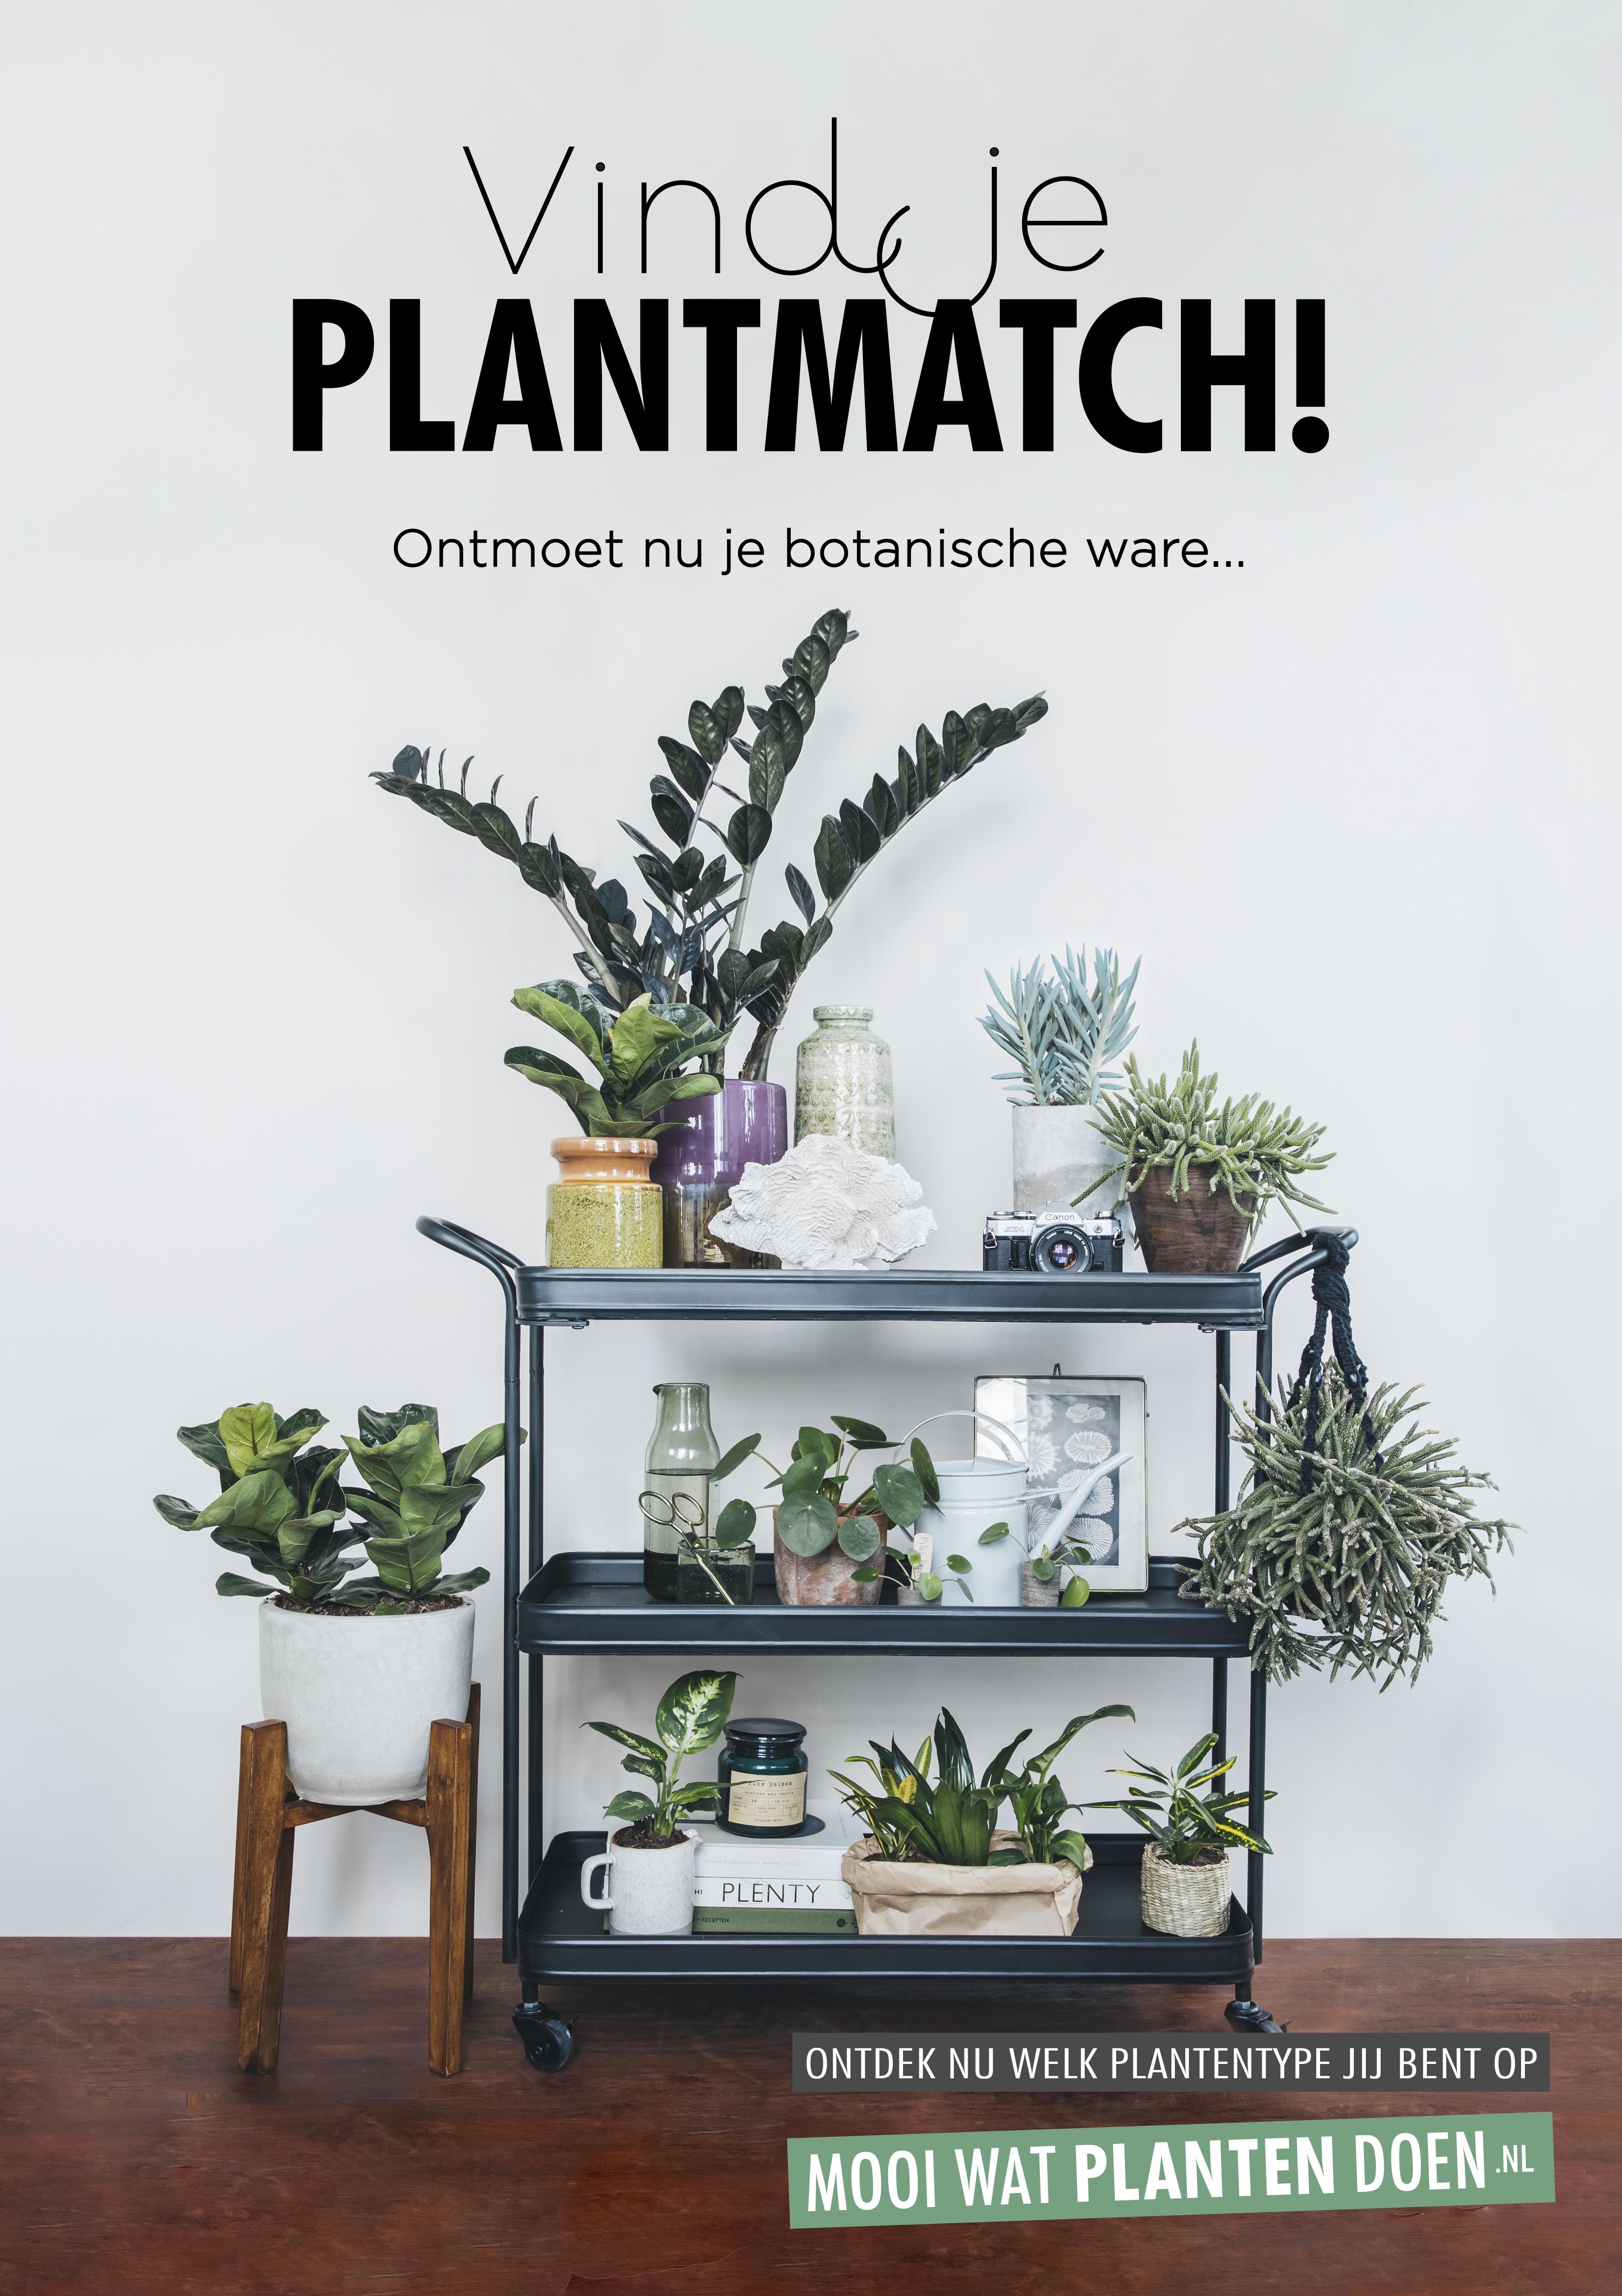 Vind je plantmatch: laat consumenten hun botanische ware ontdekken